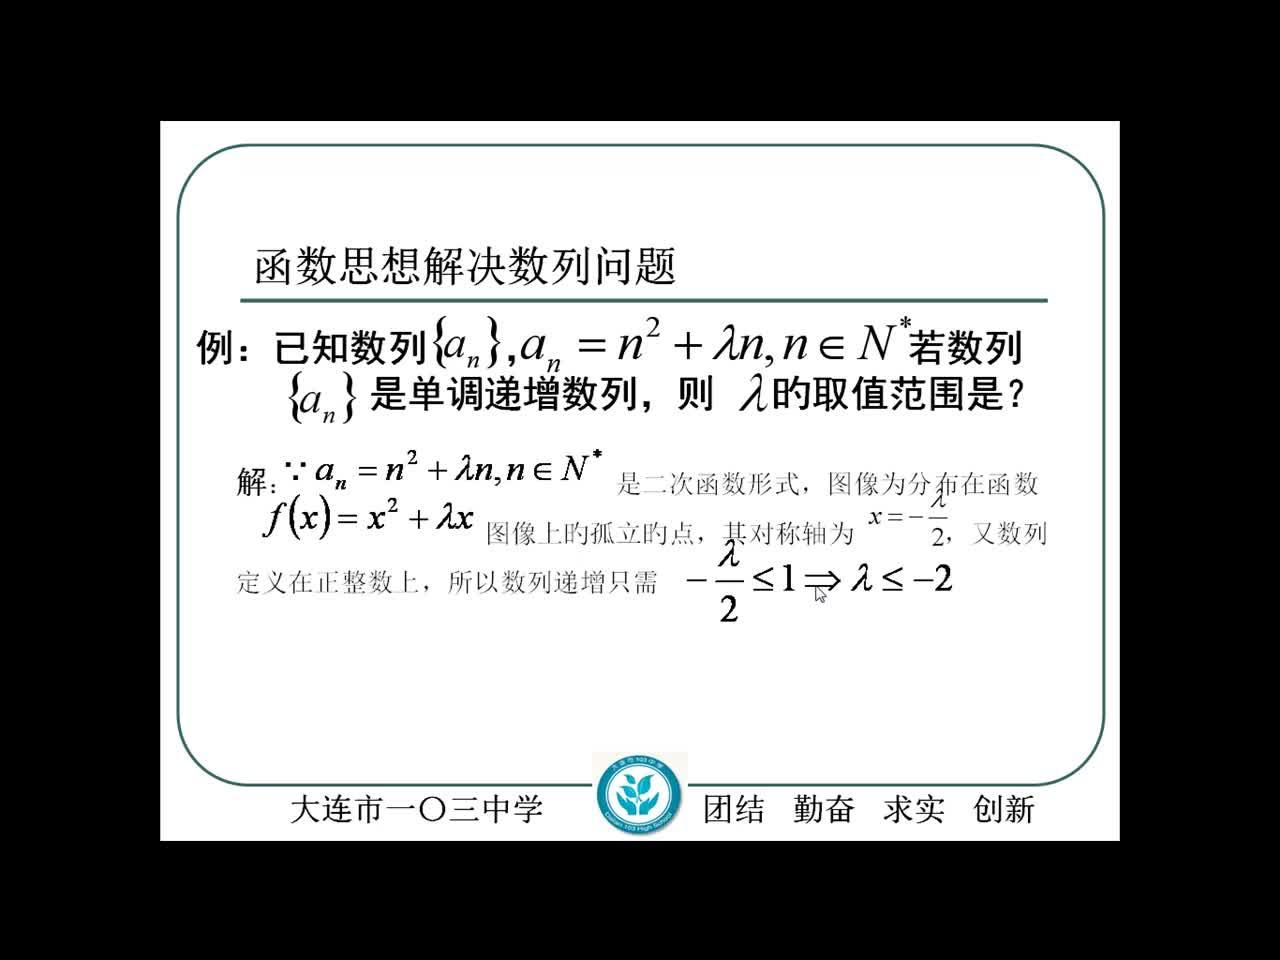 人教B版 高三数学 数列错解分析及这确解法旳讲解-视频微课堂